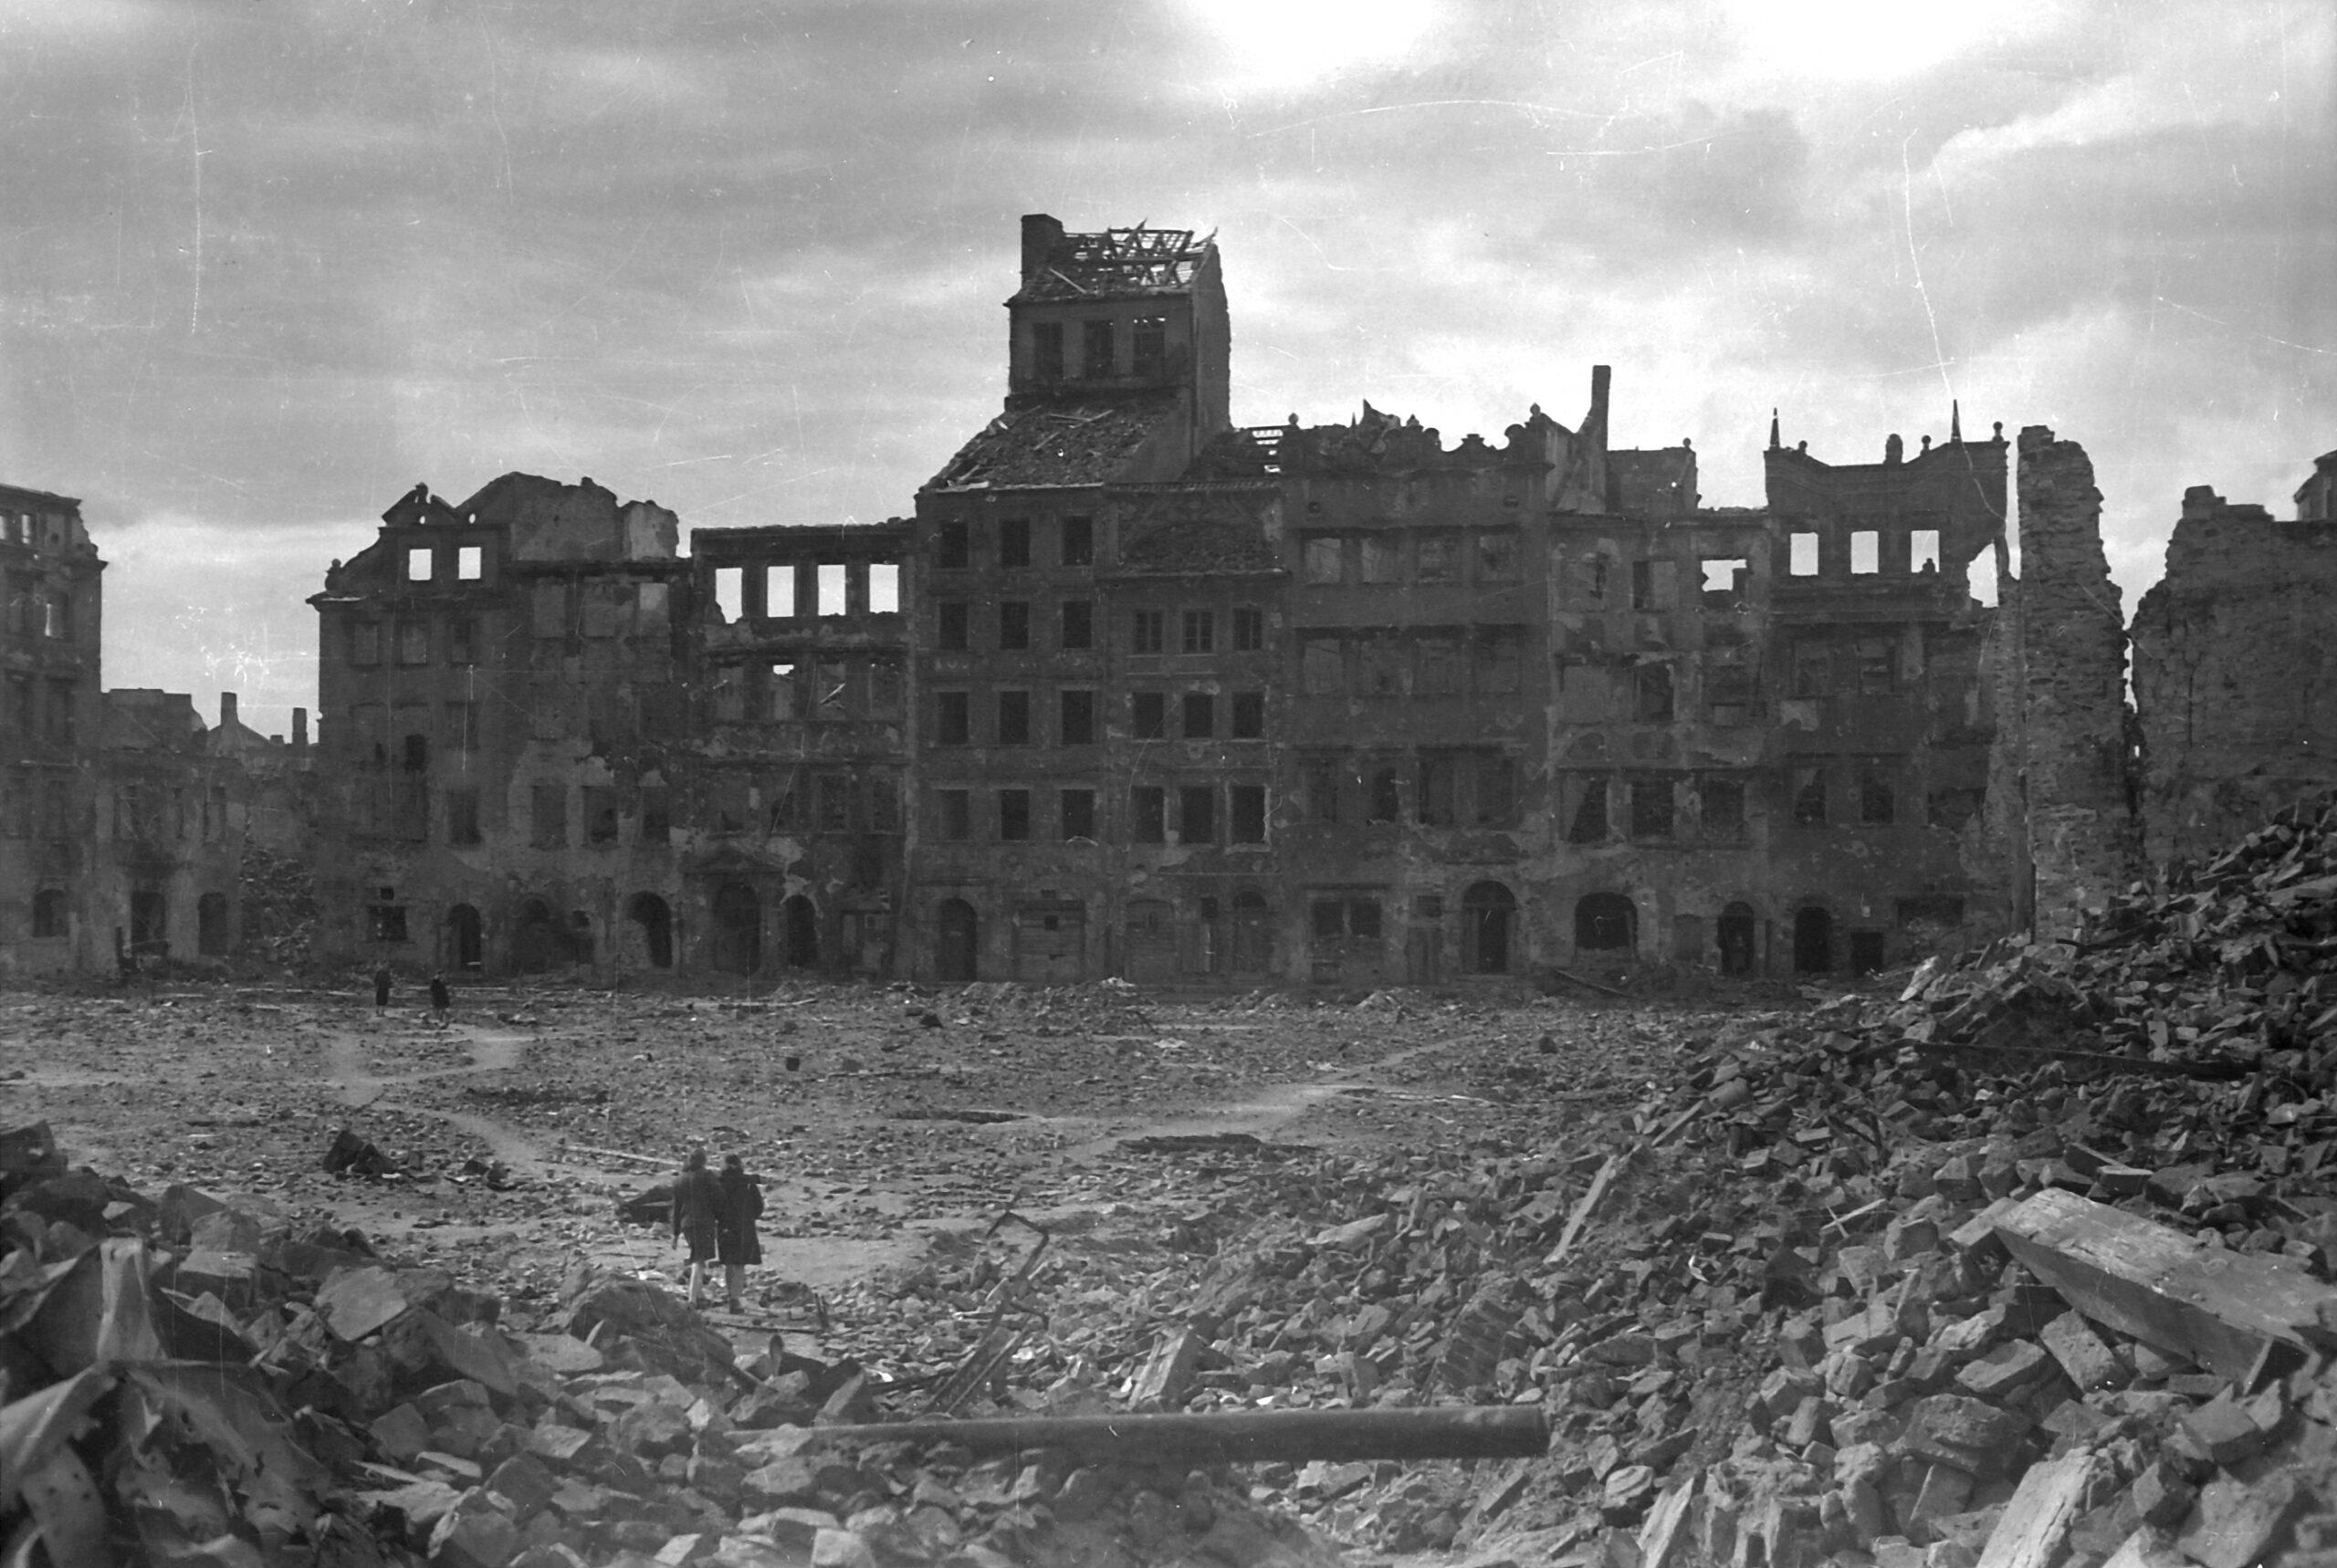 Czarno-biała fotografia zniszczonych kamienic przy Rynku Starego Miasta. Narynku mnóstwo gruzu iruin. Pomiędzy ruinami idą dwie skulone postacie.